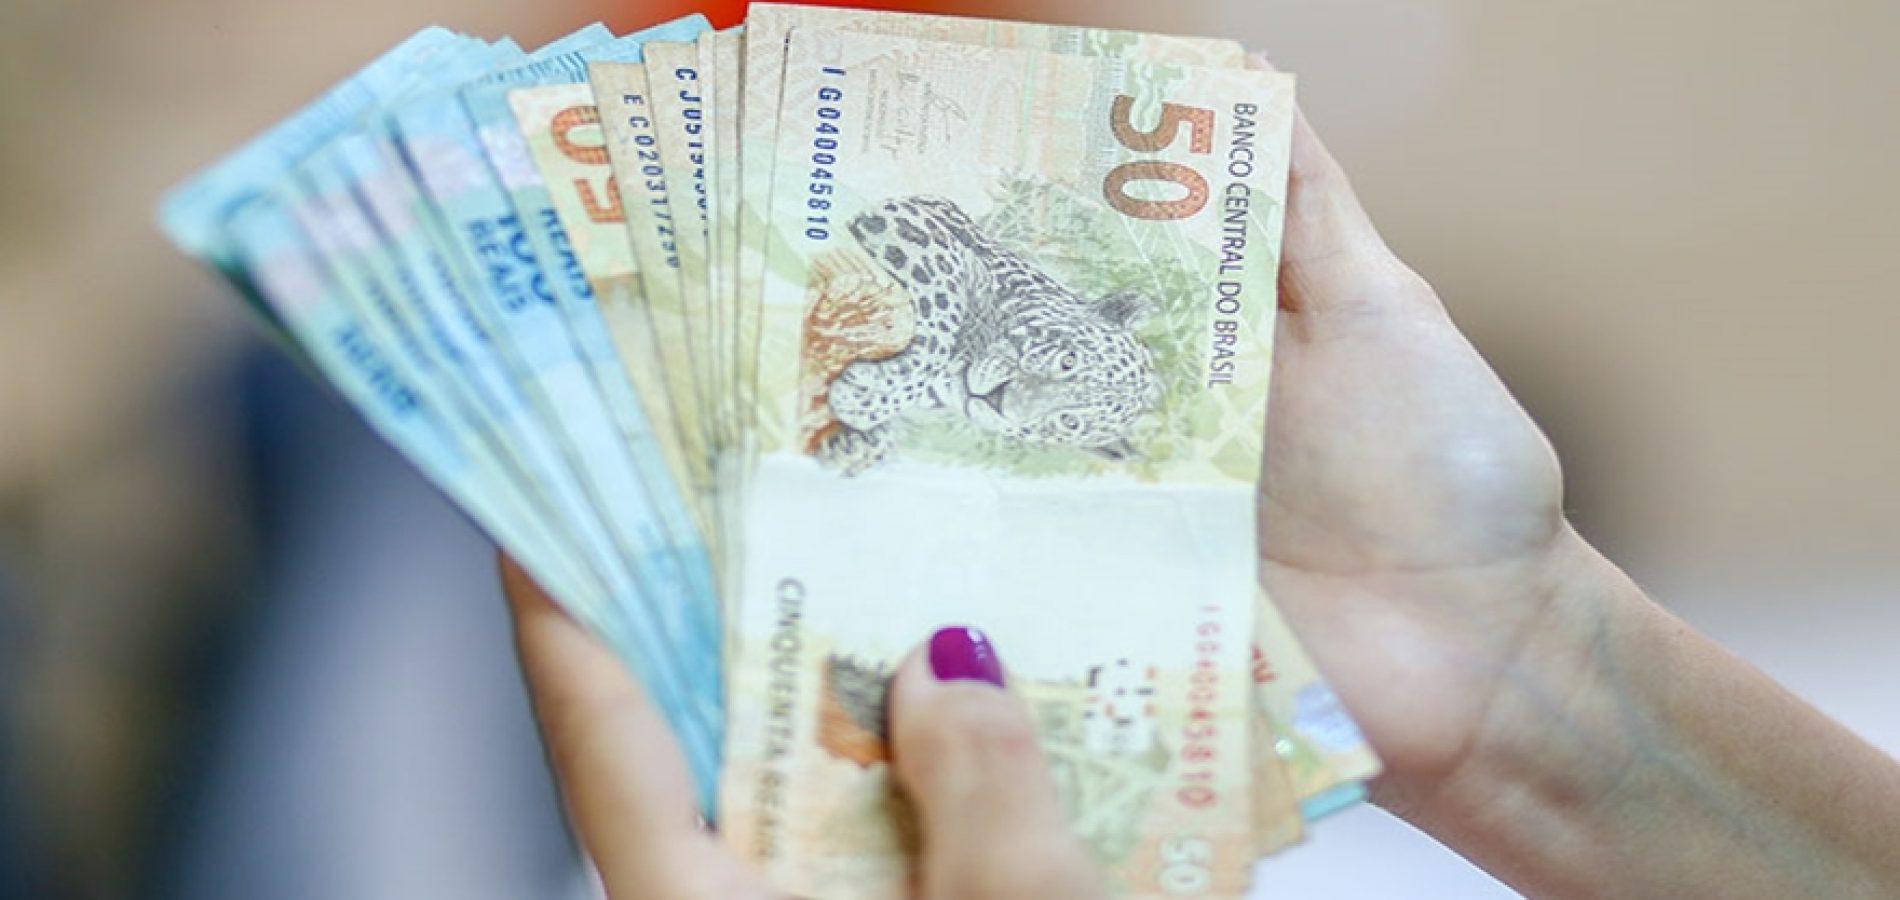 Abono Salarial para nascidos de julho a dezembro será pago nesta terça